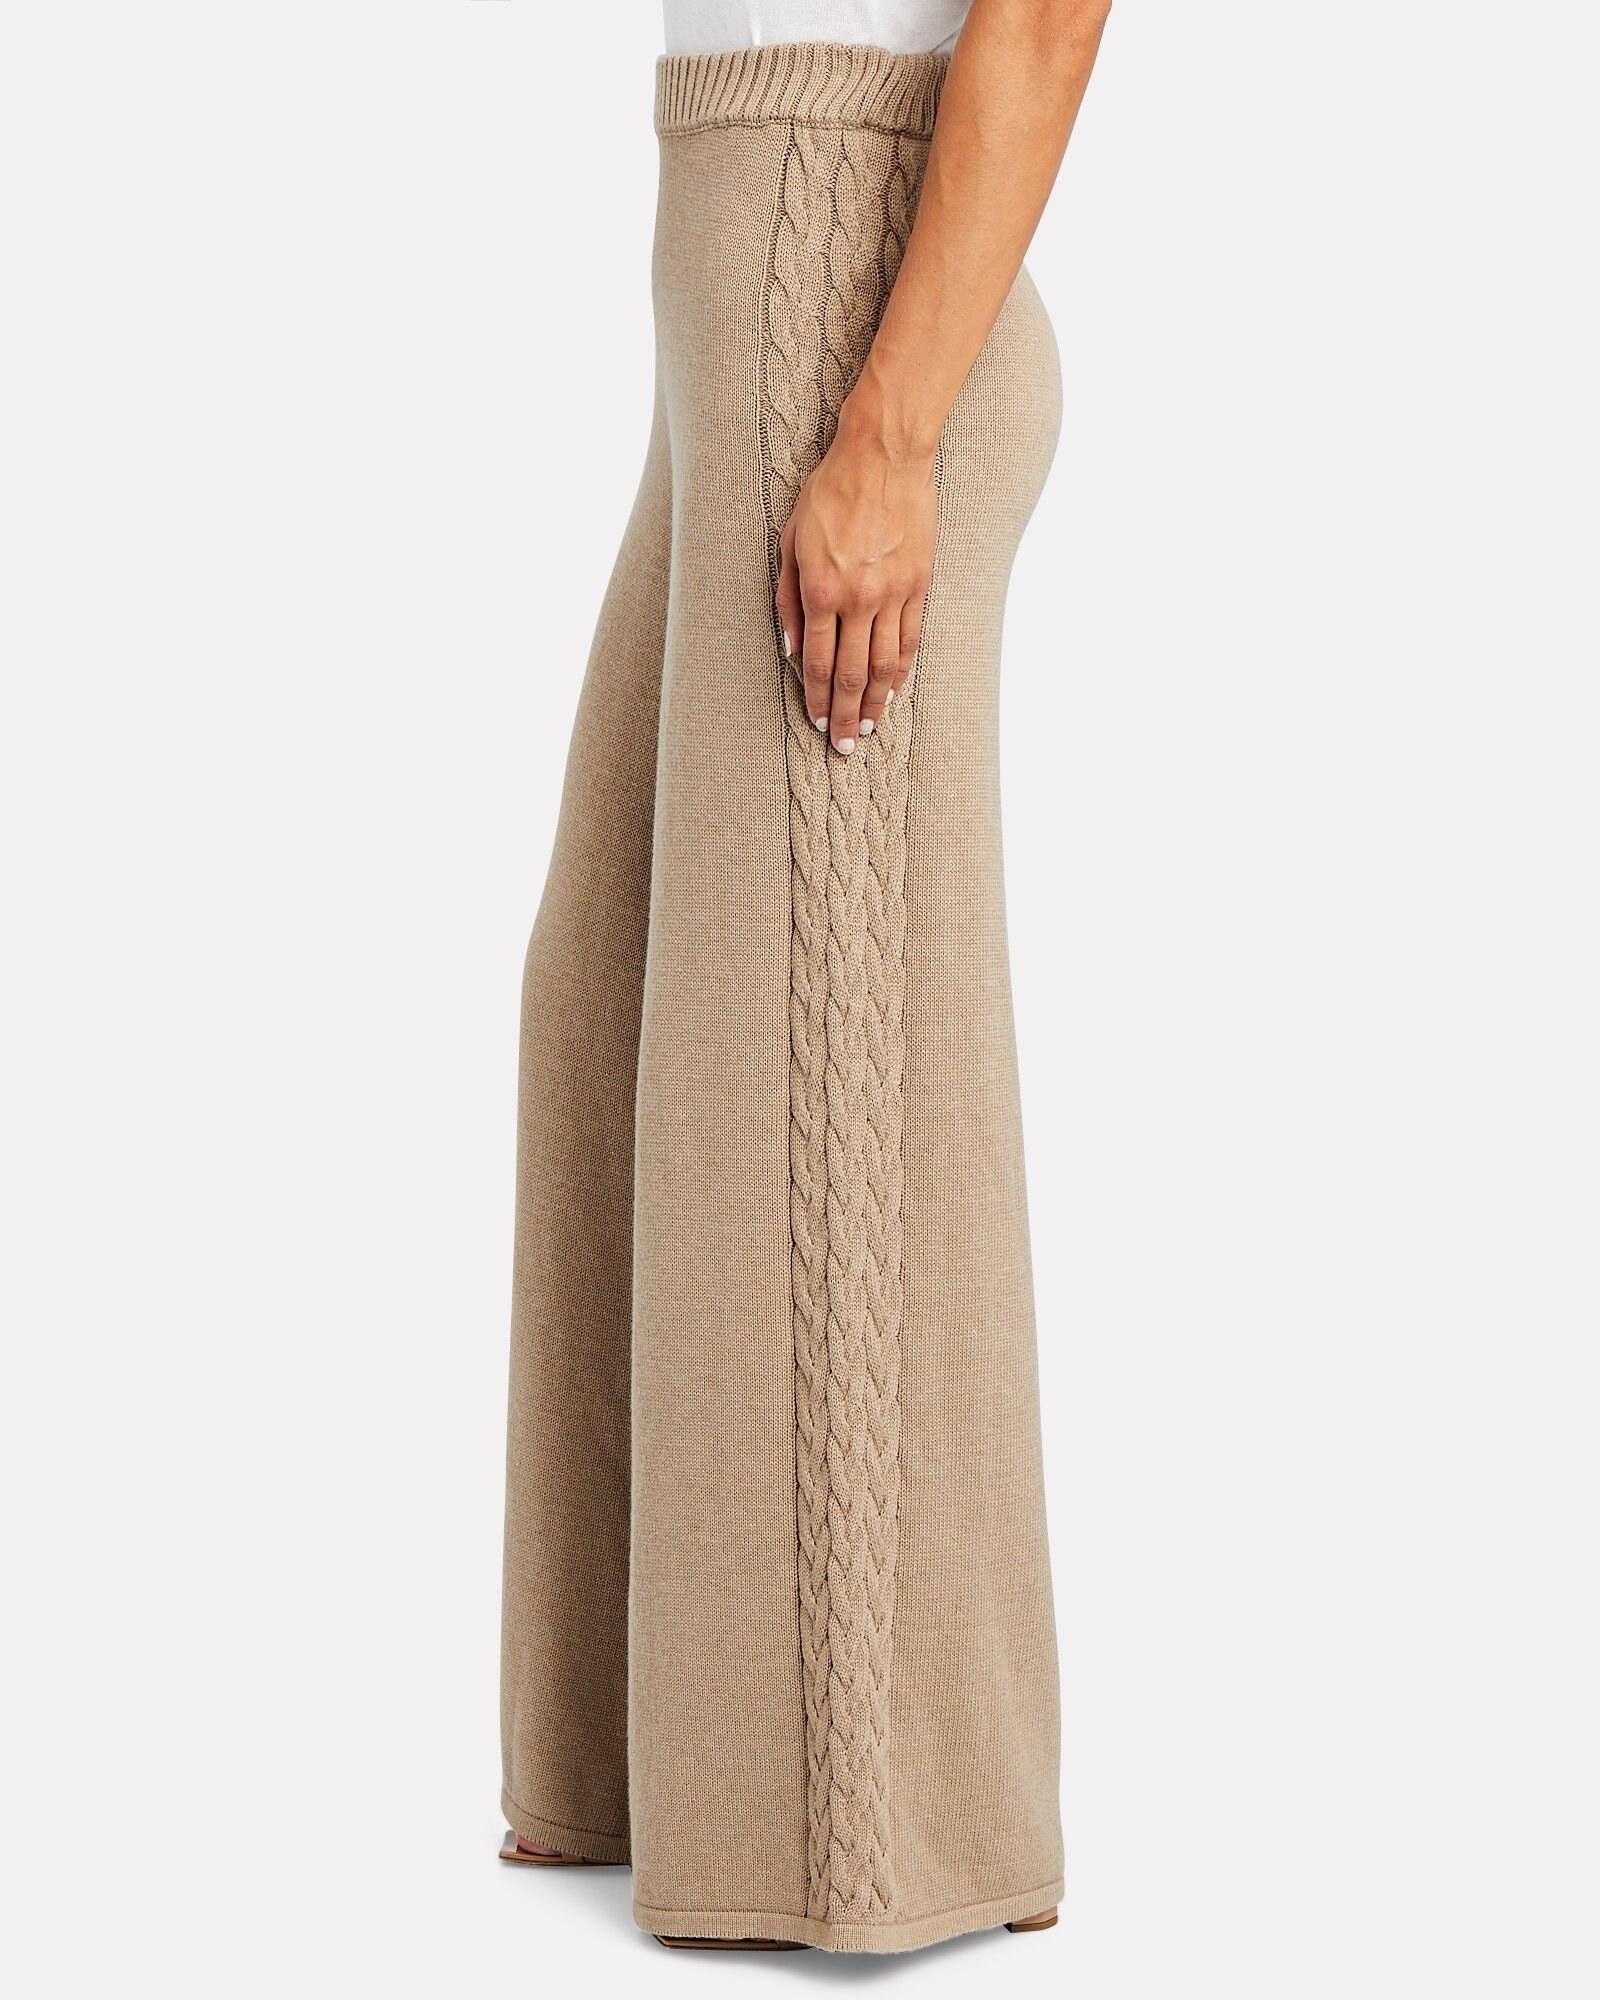 a model in long tan wide-leg pants